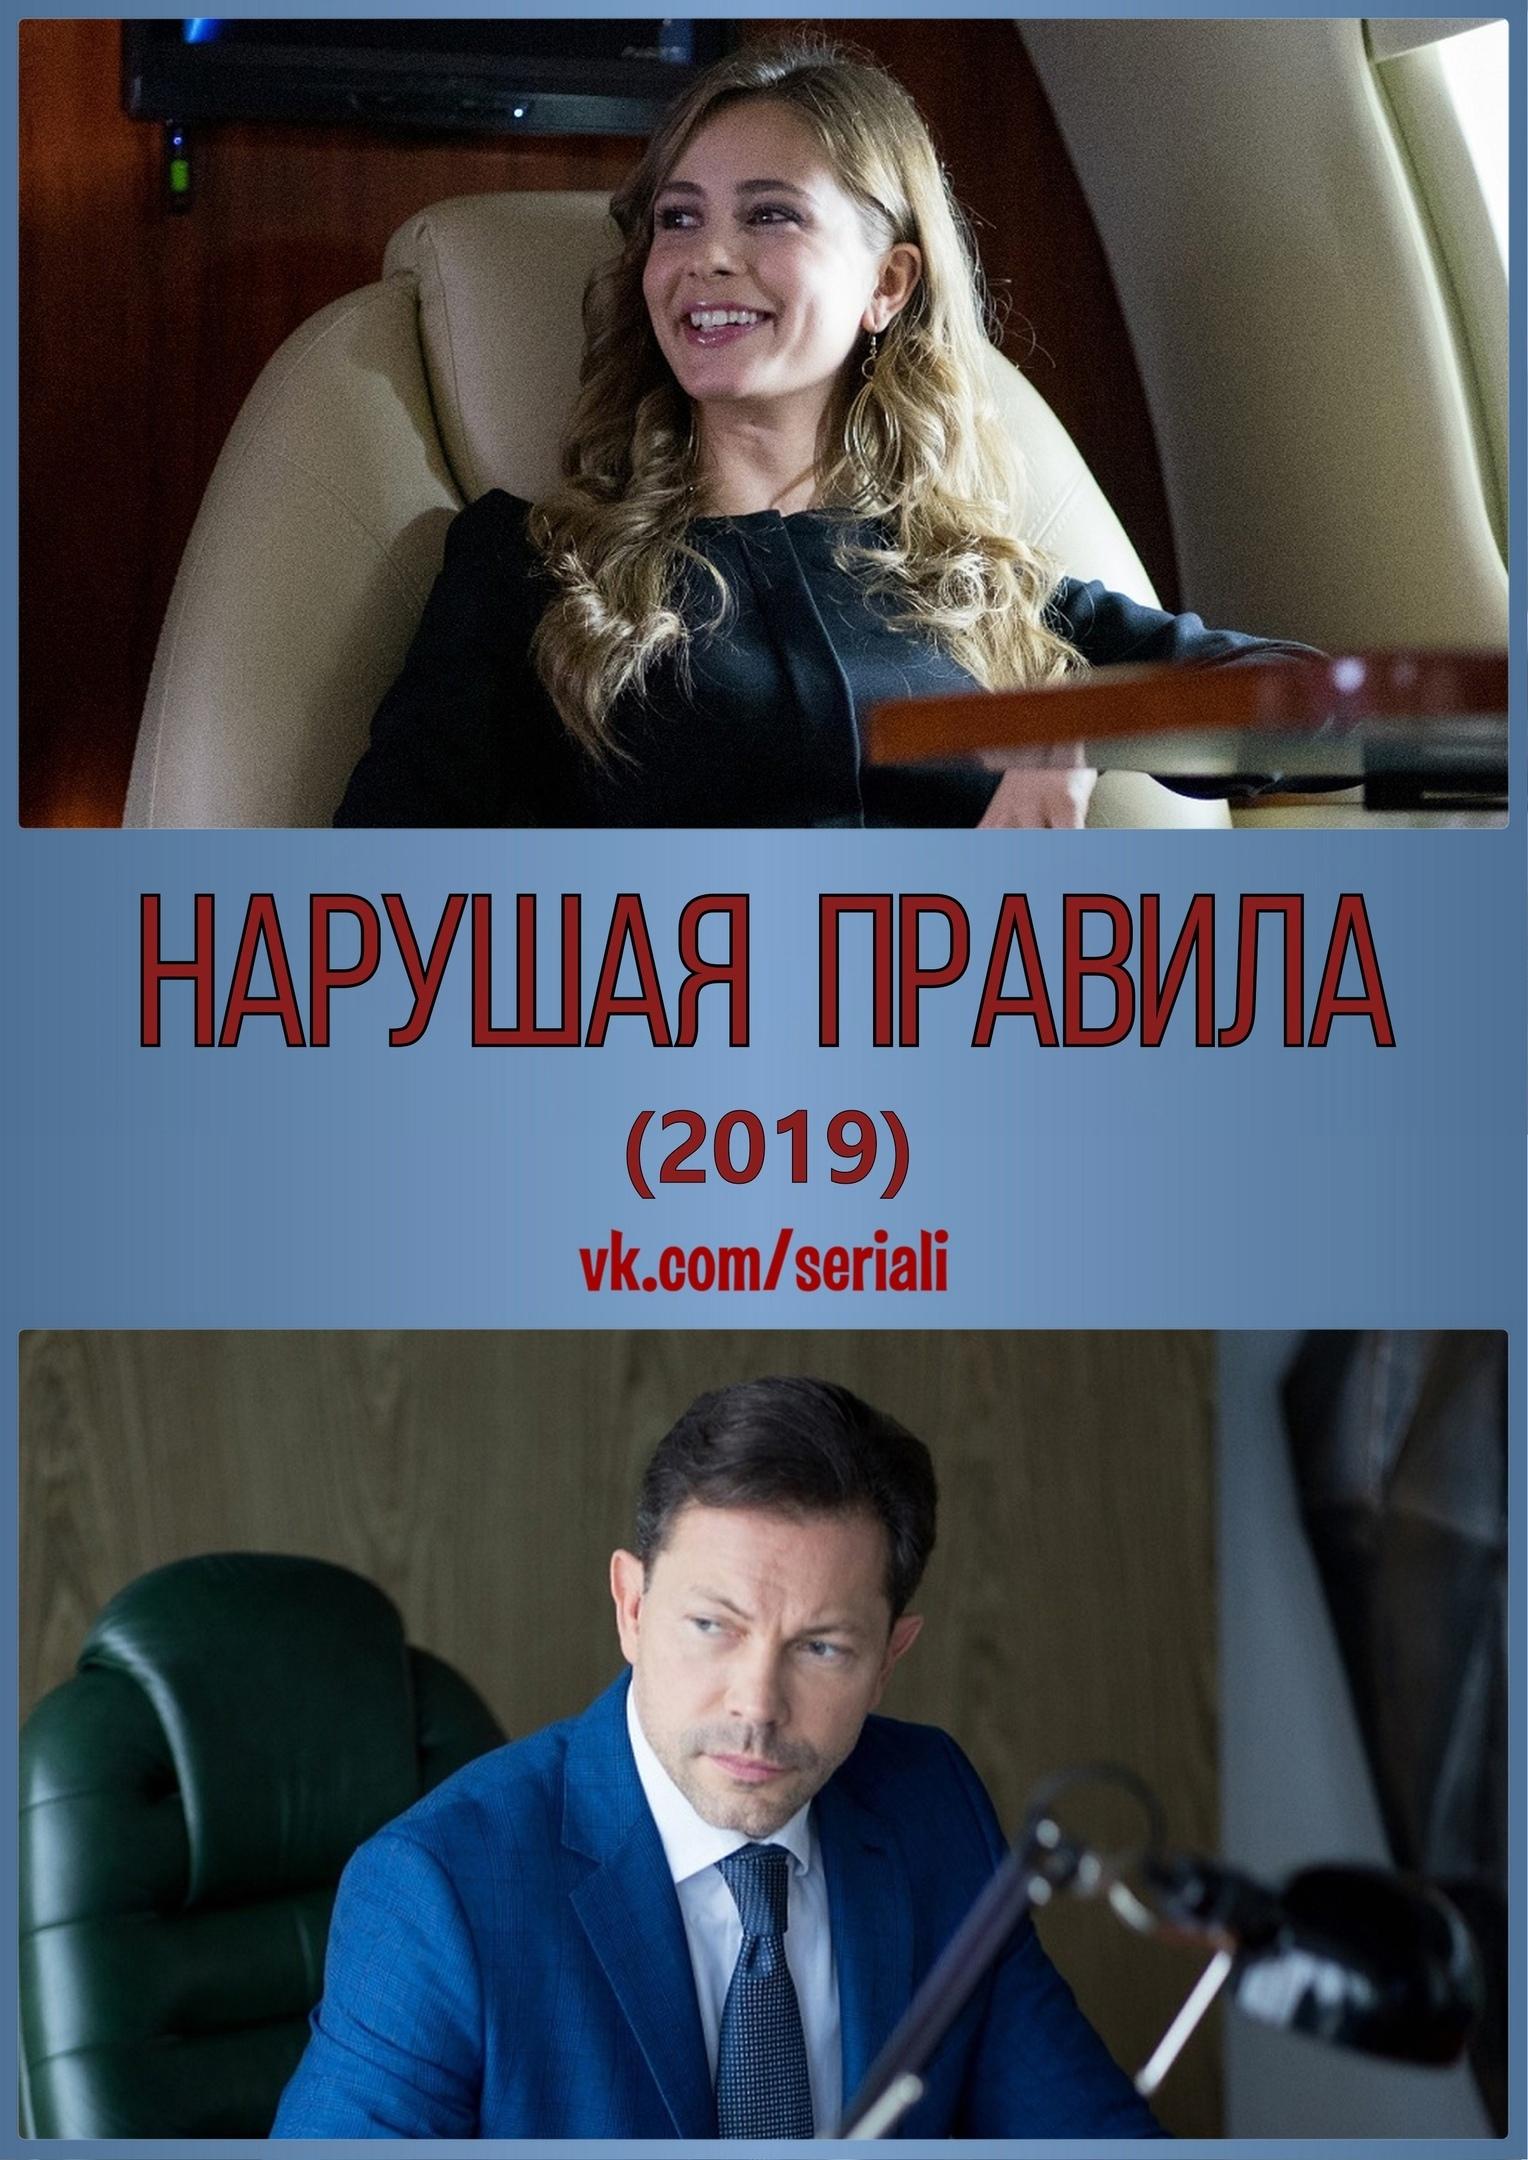 Мелодрама «Hapyшaя пpaвилa» (2019) 1-4 серия из 4 HD